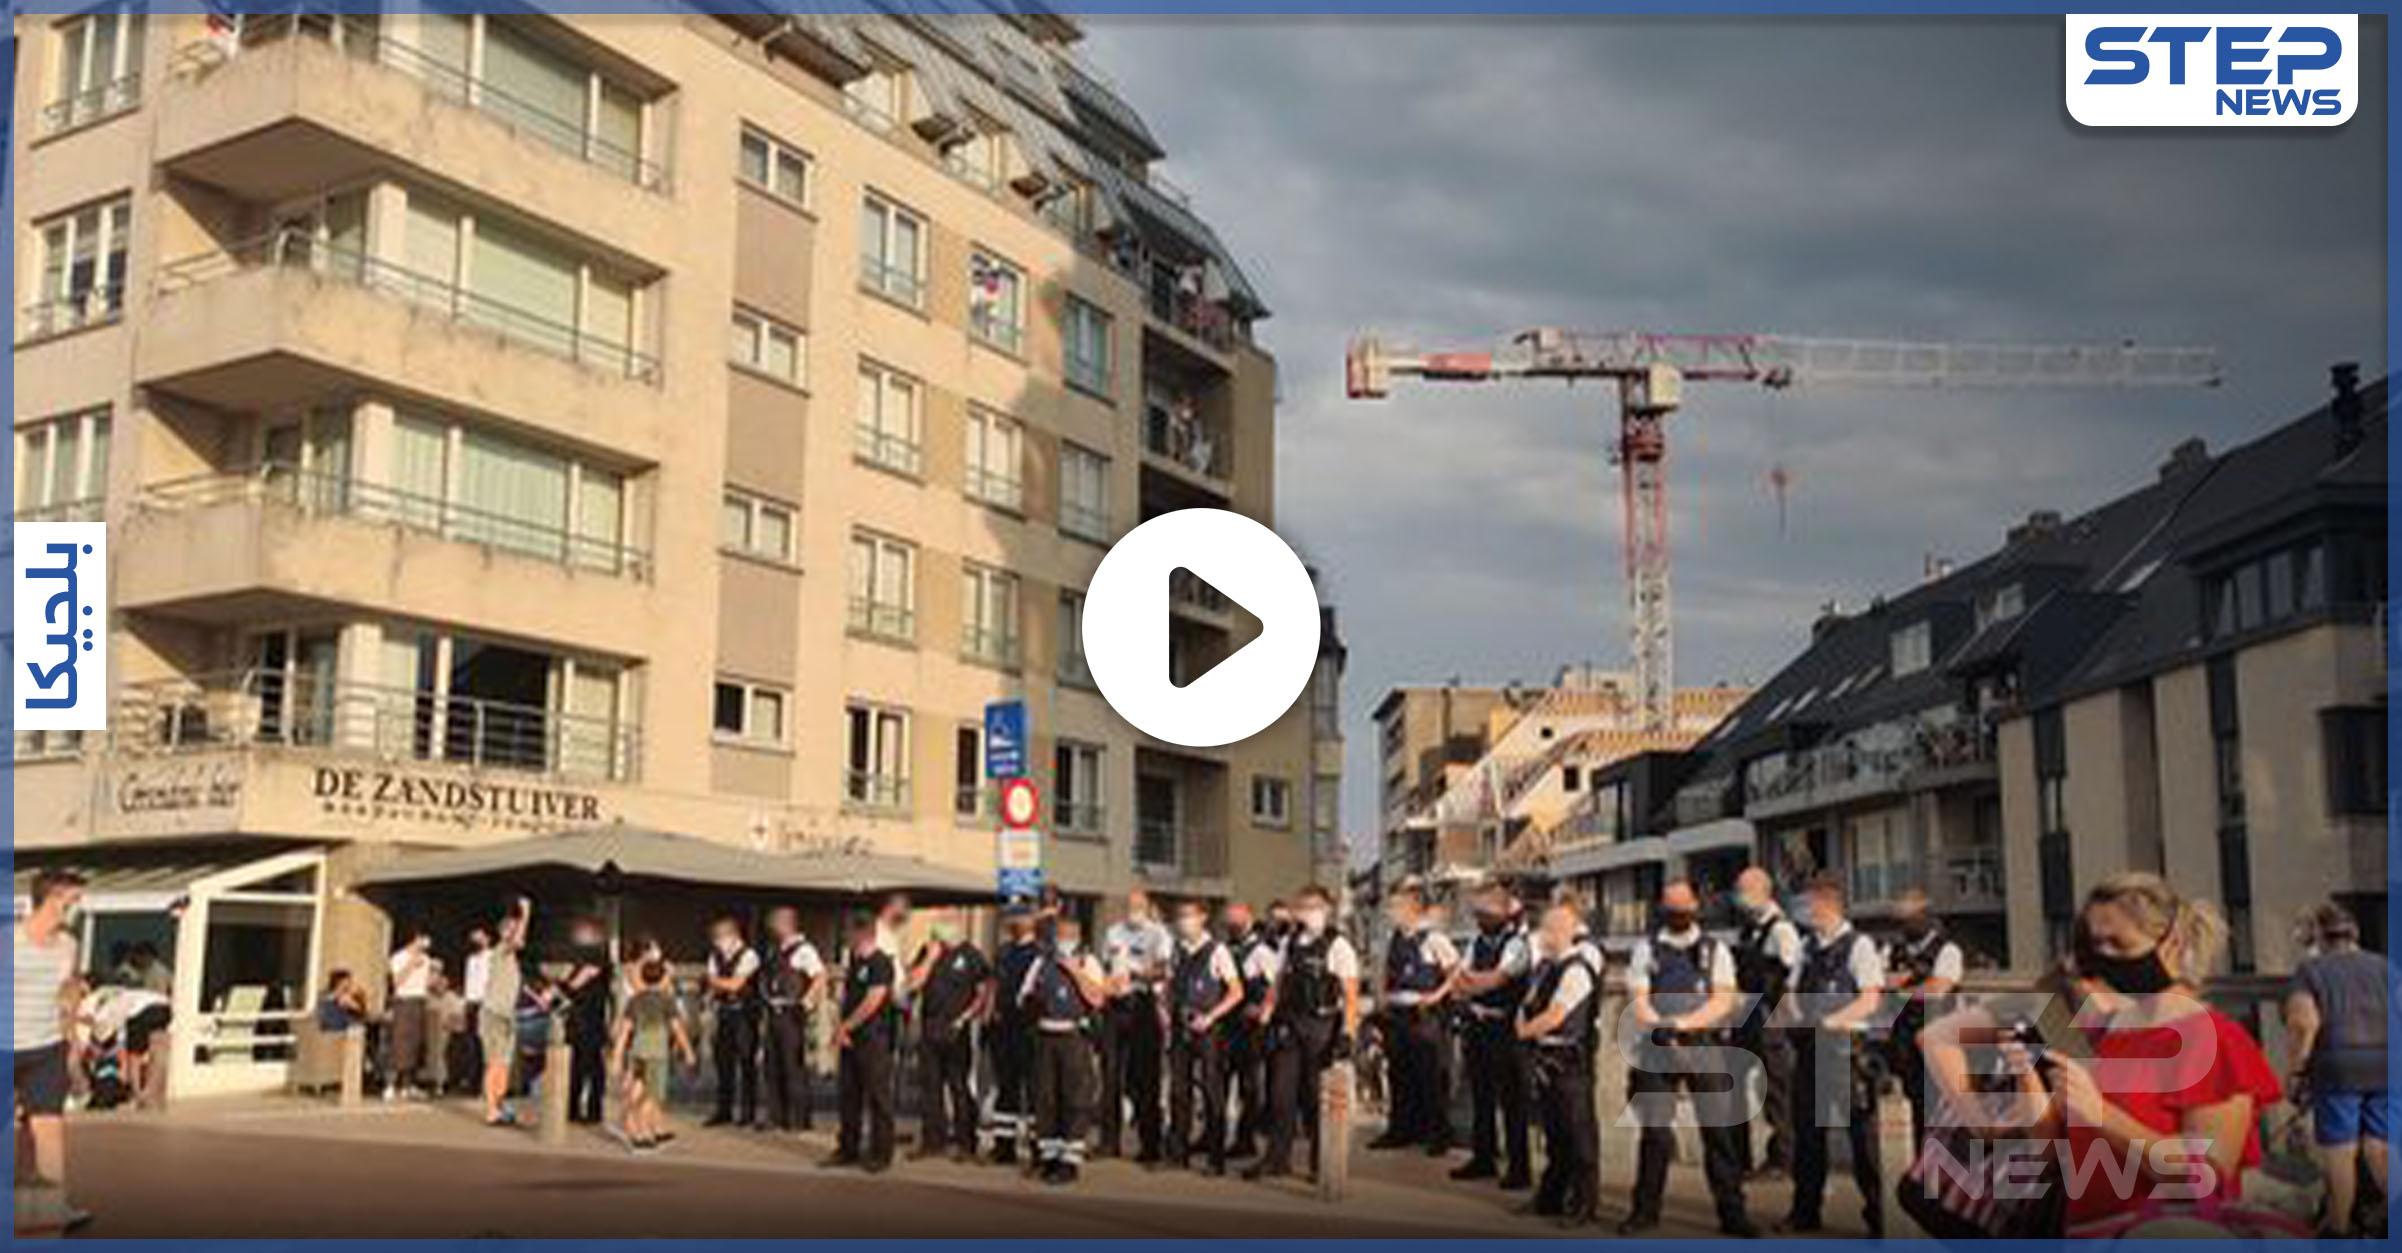 مشاجرة على شاطئ بلانكنبرغ البلجيكية بين الشرطة والمتنزهين